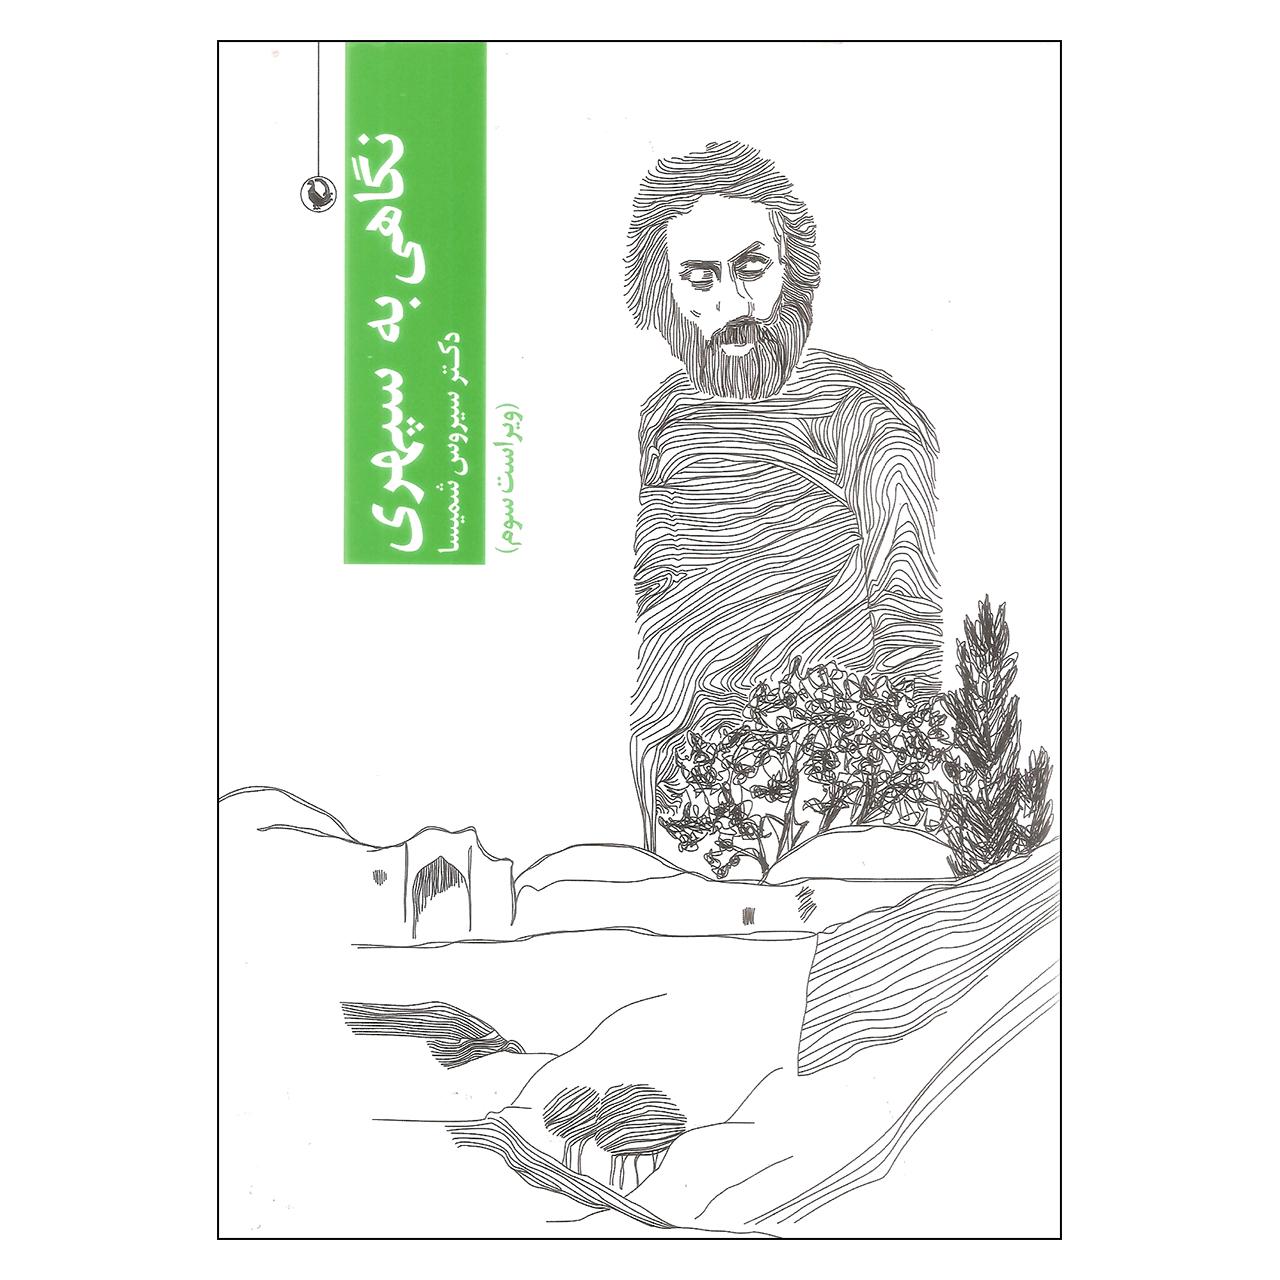 کتاب نگاهی به سپهری اثر سیروس شمیسا انتشارات مروارید